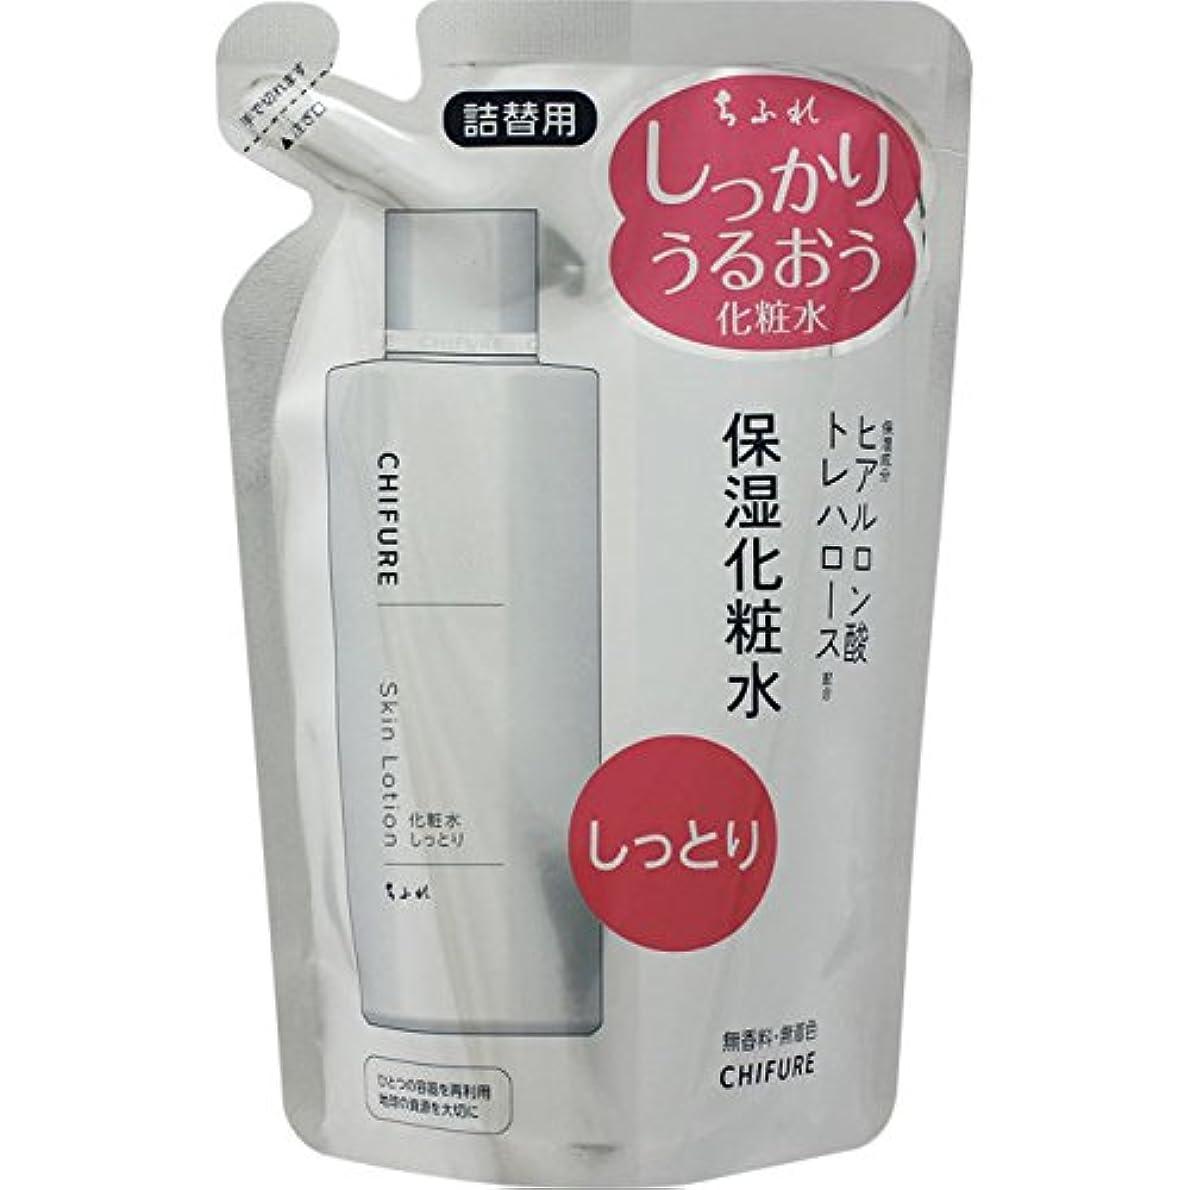 警官新年ノーブルちふれ化粧品 化粧水 しっとりタイプ N 詰替え用 150ml 150ML